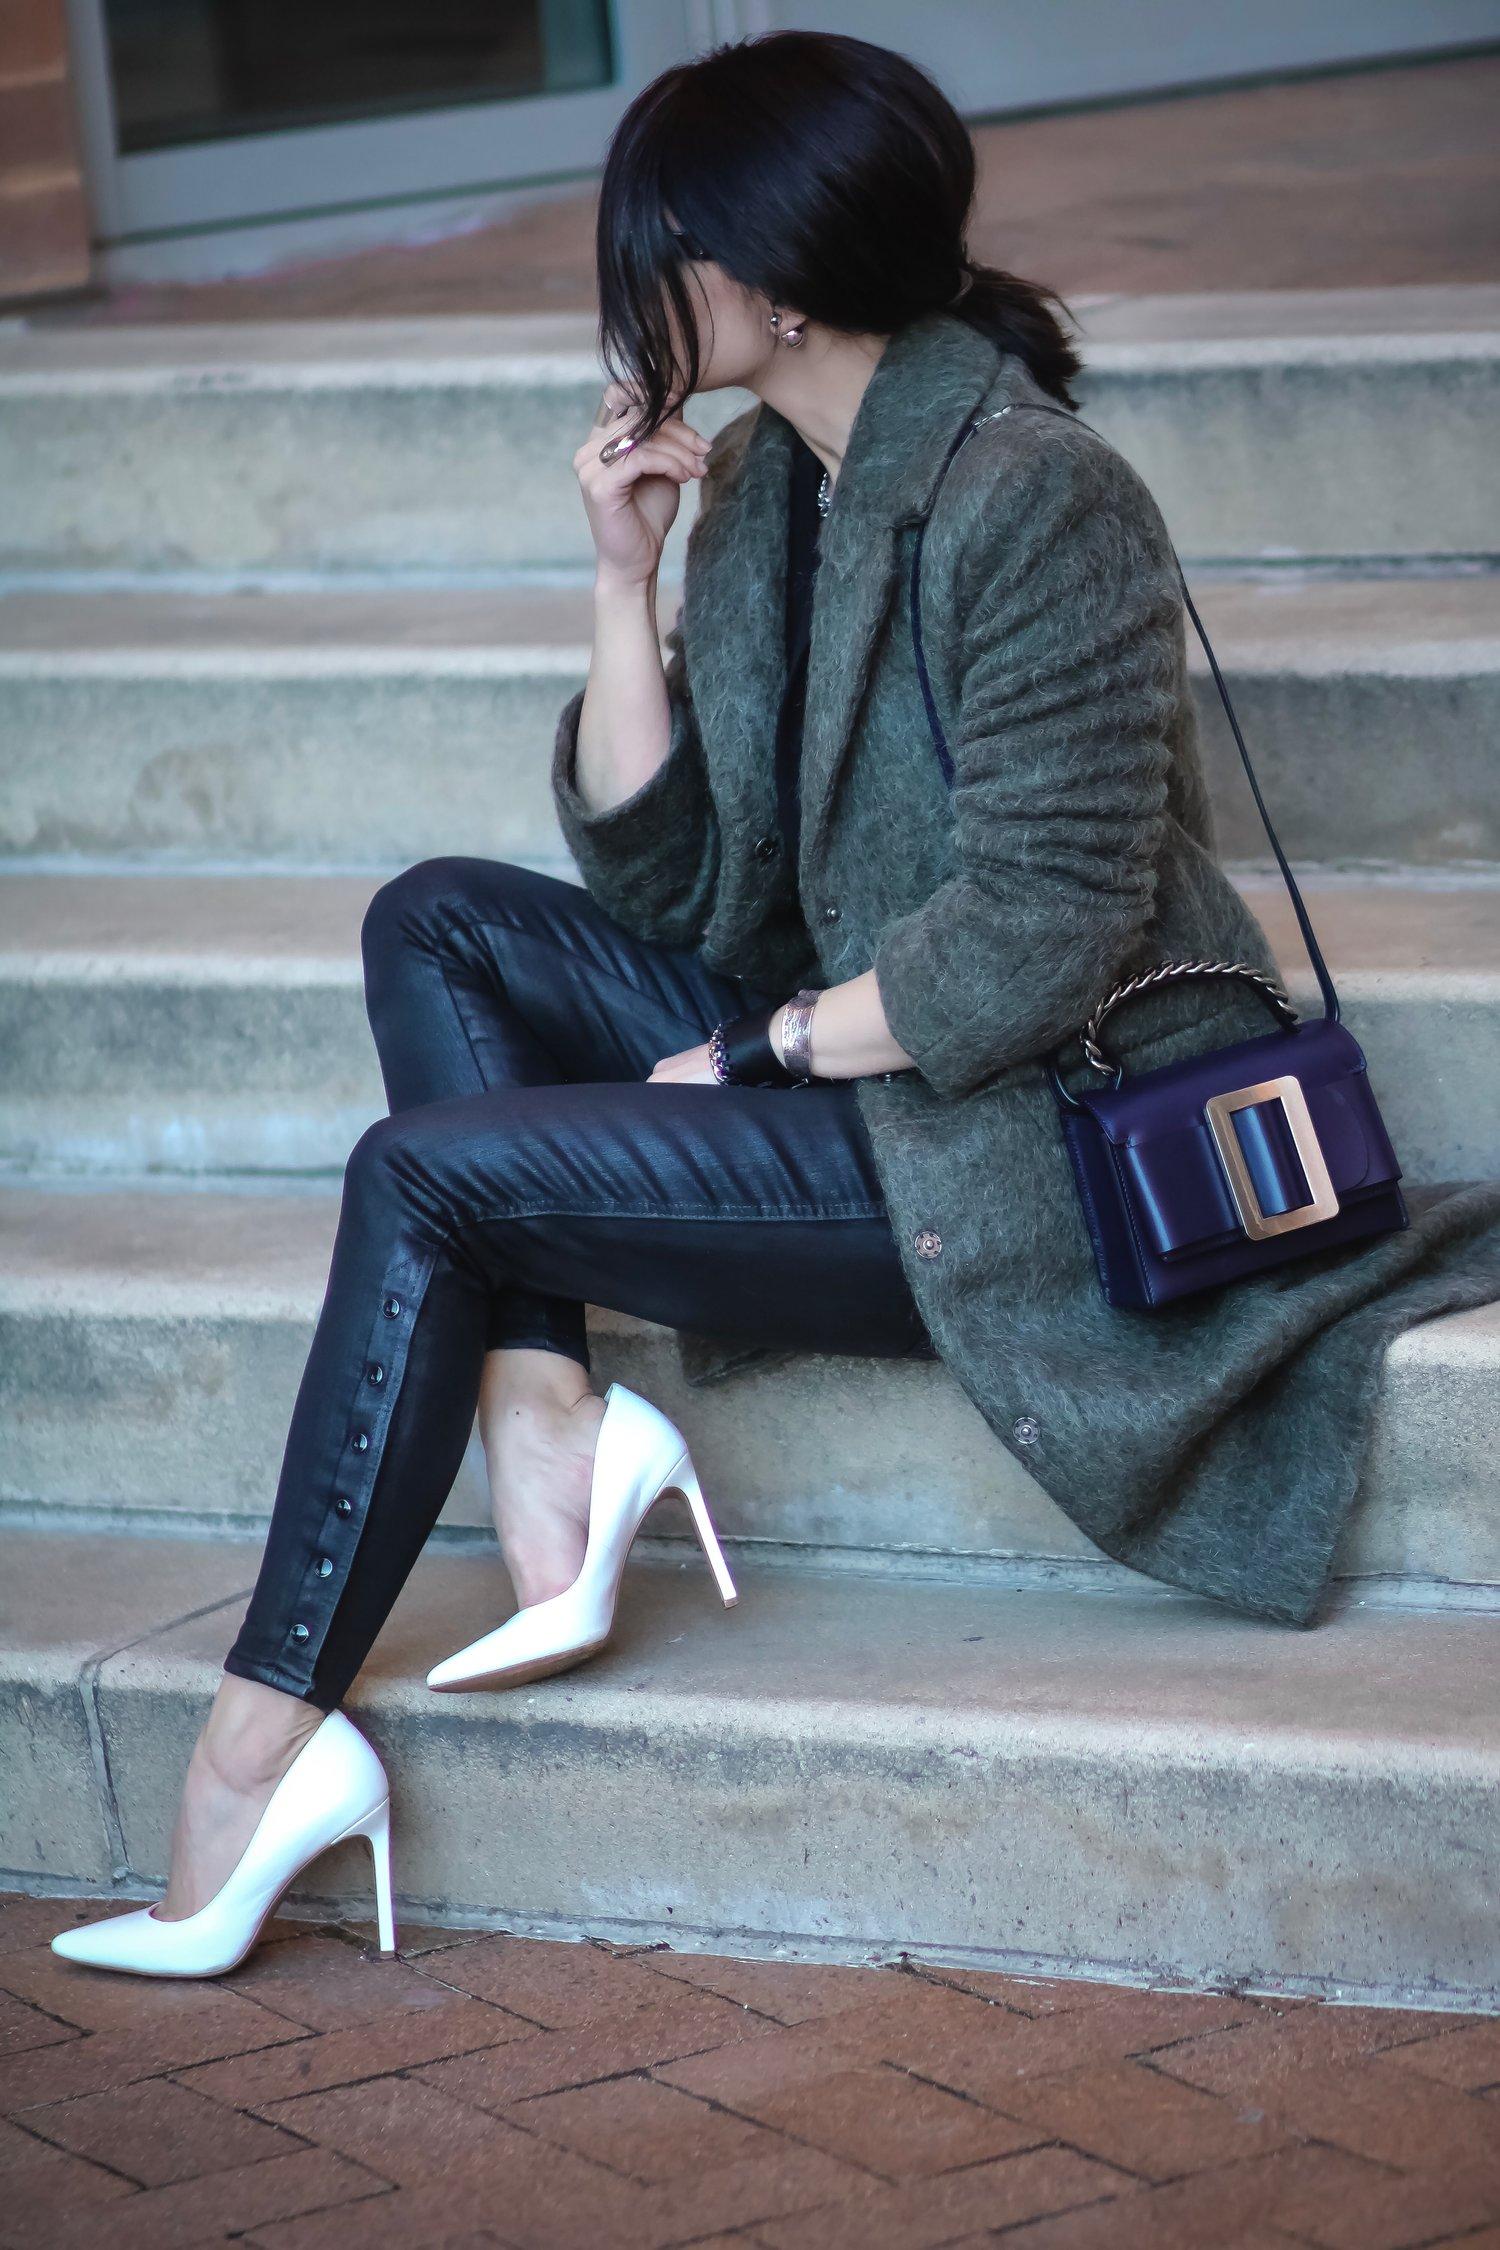 Isabel-Alexander-sitting-down-stairs-wearing-Asos-khaki-coat-boyy-buckle-bag